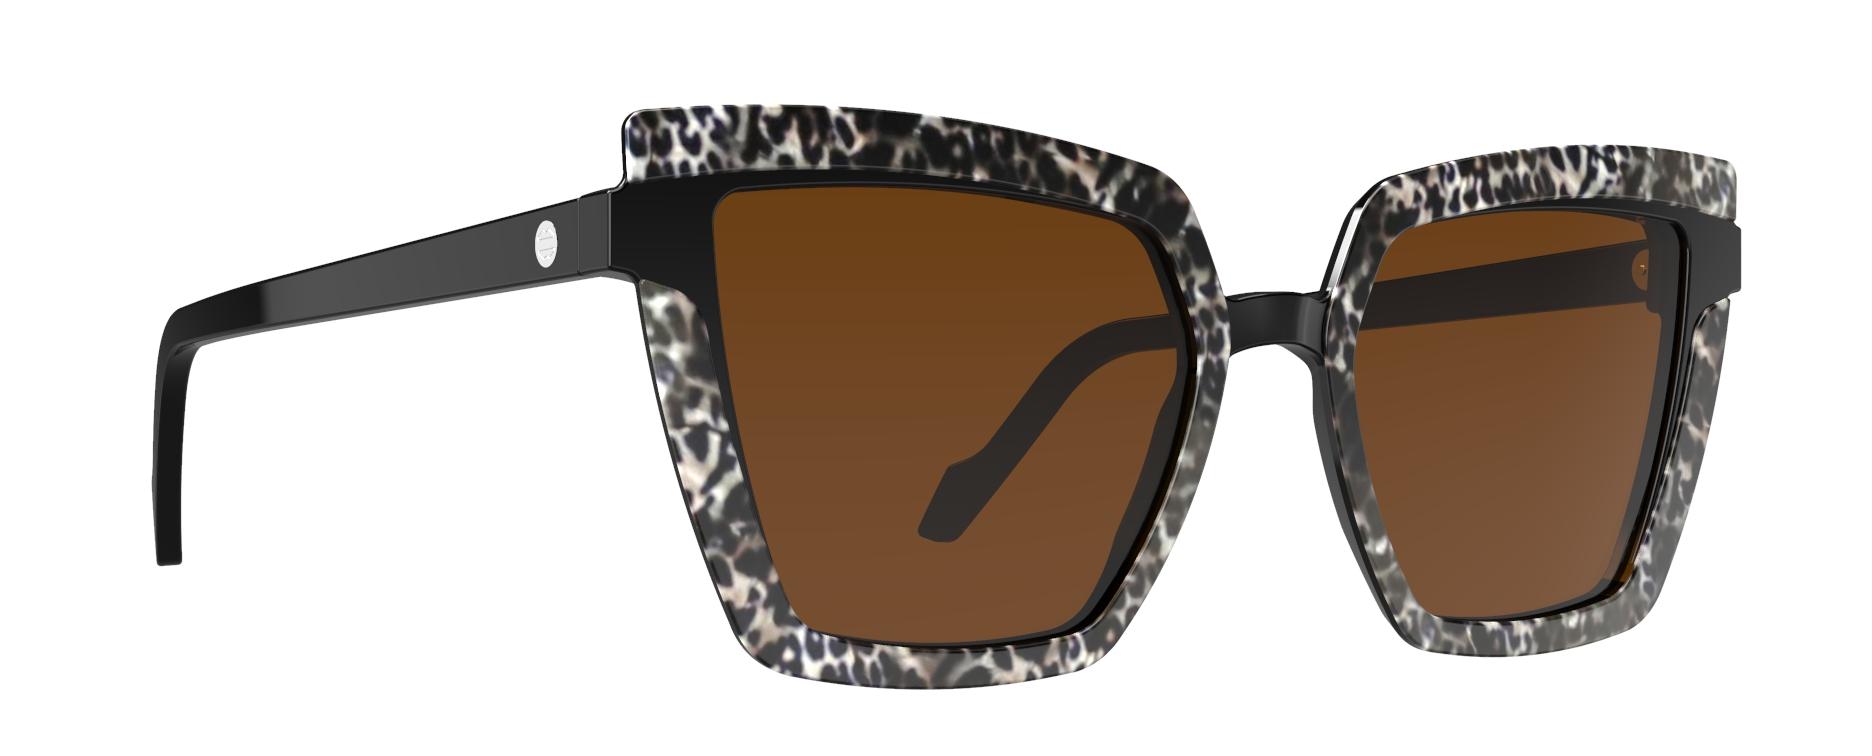 come-scegliere-colore-lenti-occhiali-da-sole